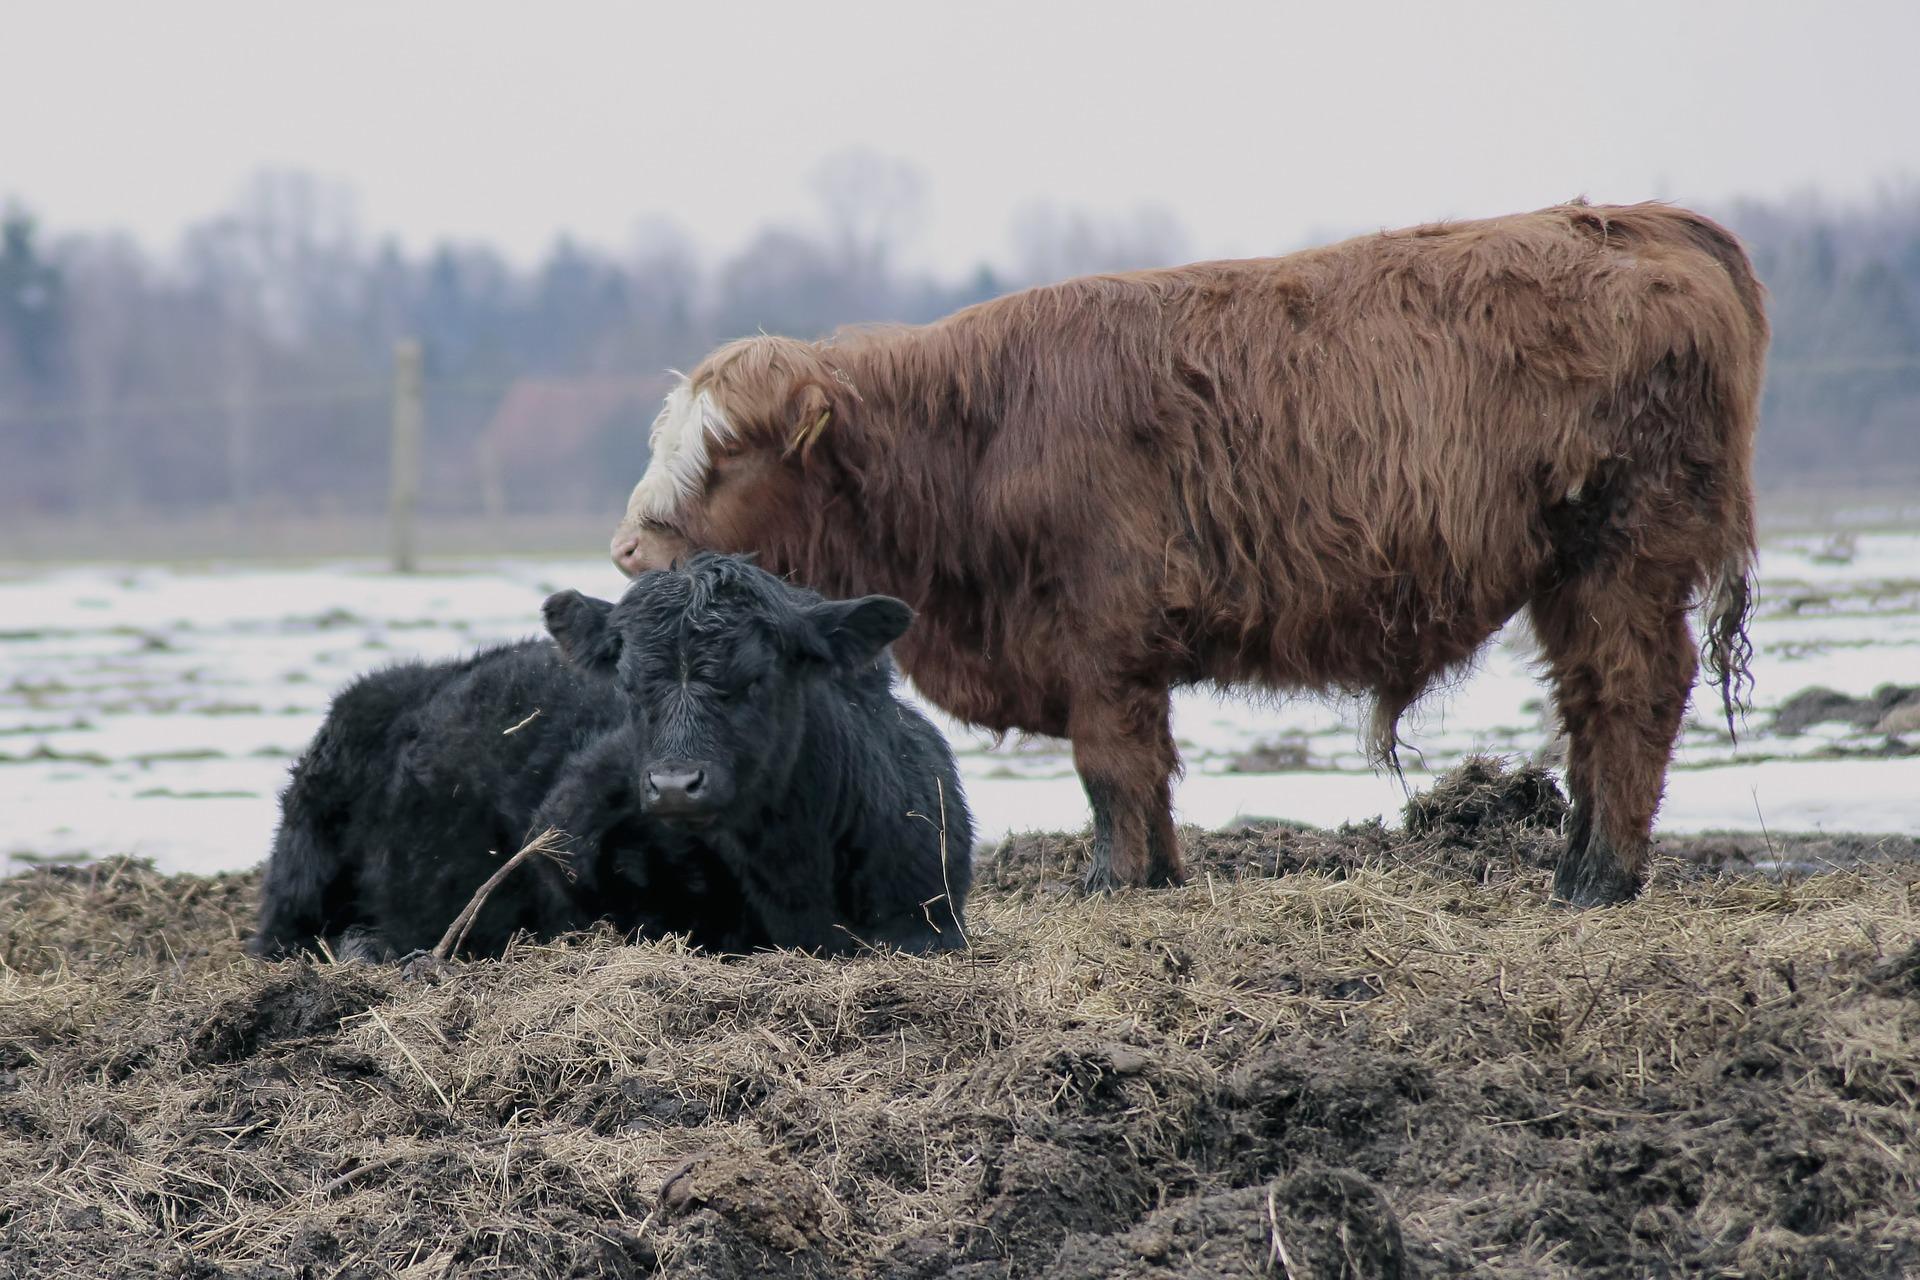 Umaszczenia podstawowe bydła